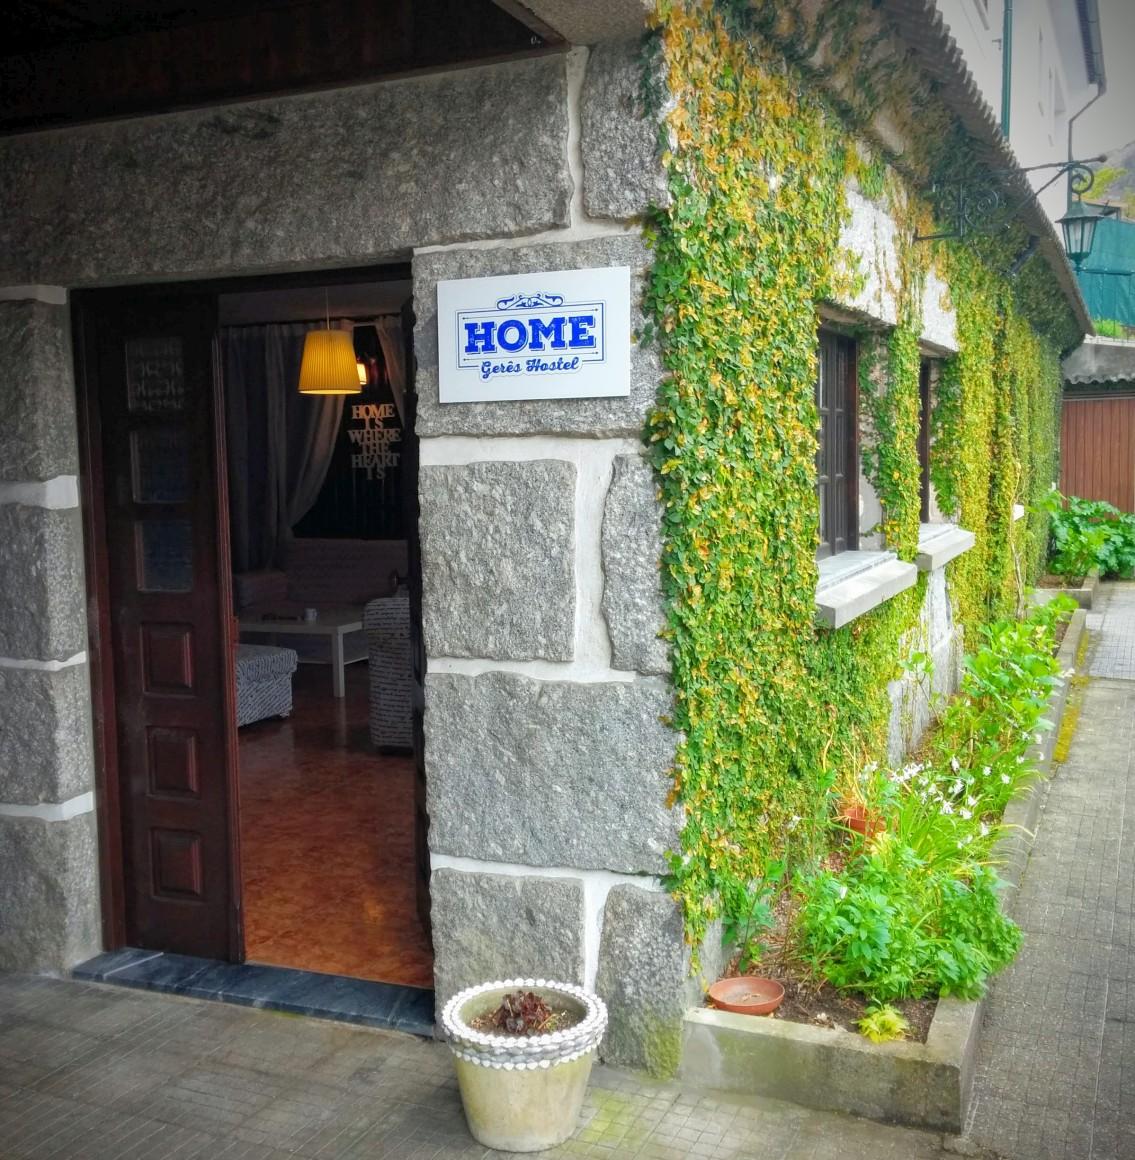 O Hostel pretende que os clientes vejam o espaço como